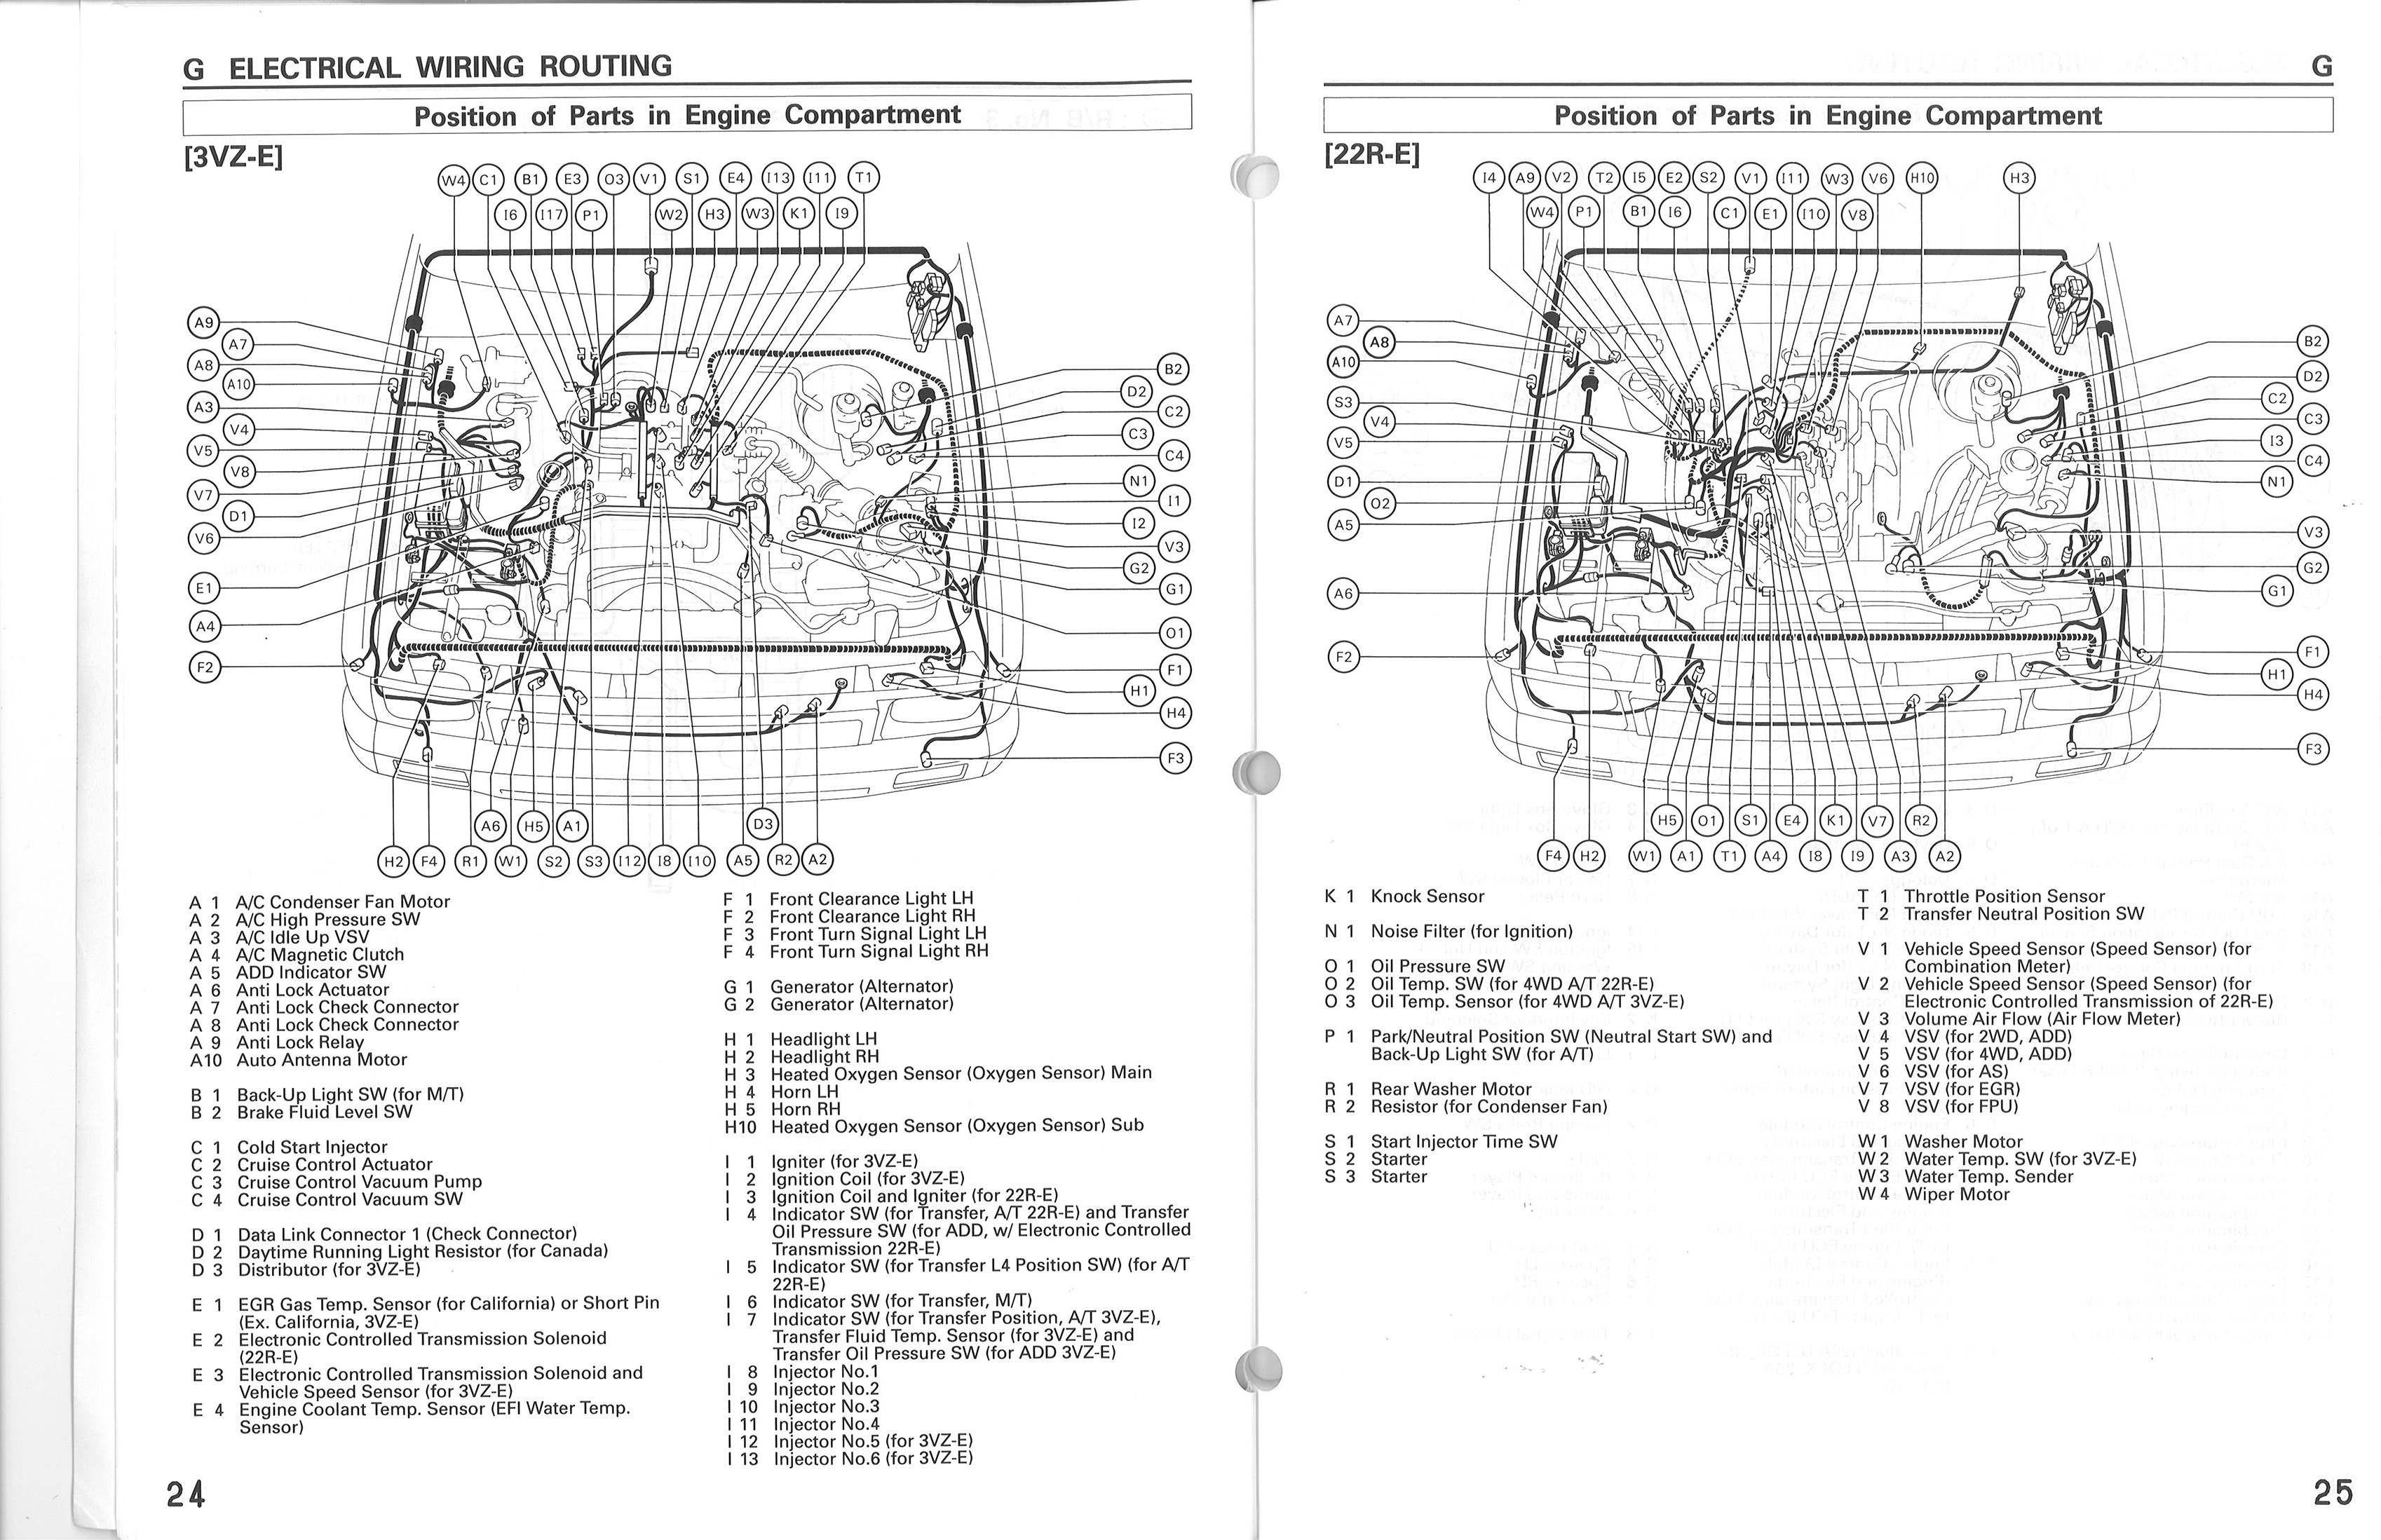 1991 toyota Pickup Tail Light Wiring Diagram 1992 toyota Pickup Engine Diagram Of 1991 toyota Pickup Tail Light Wiring Diagram